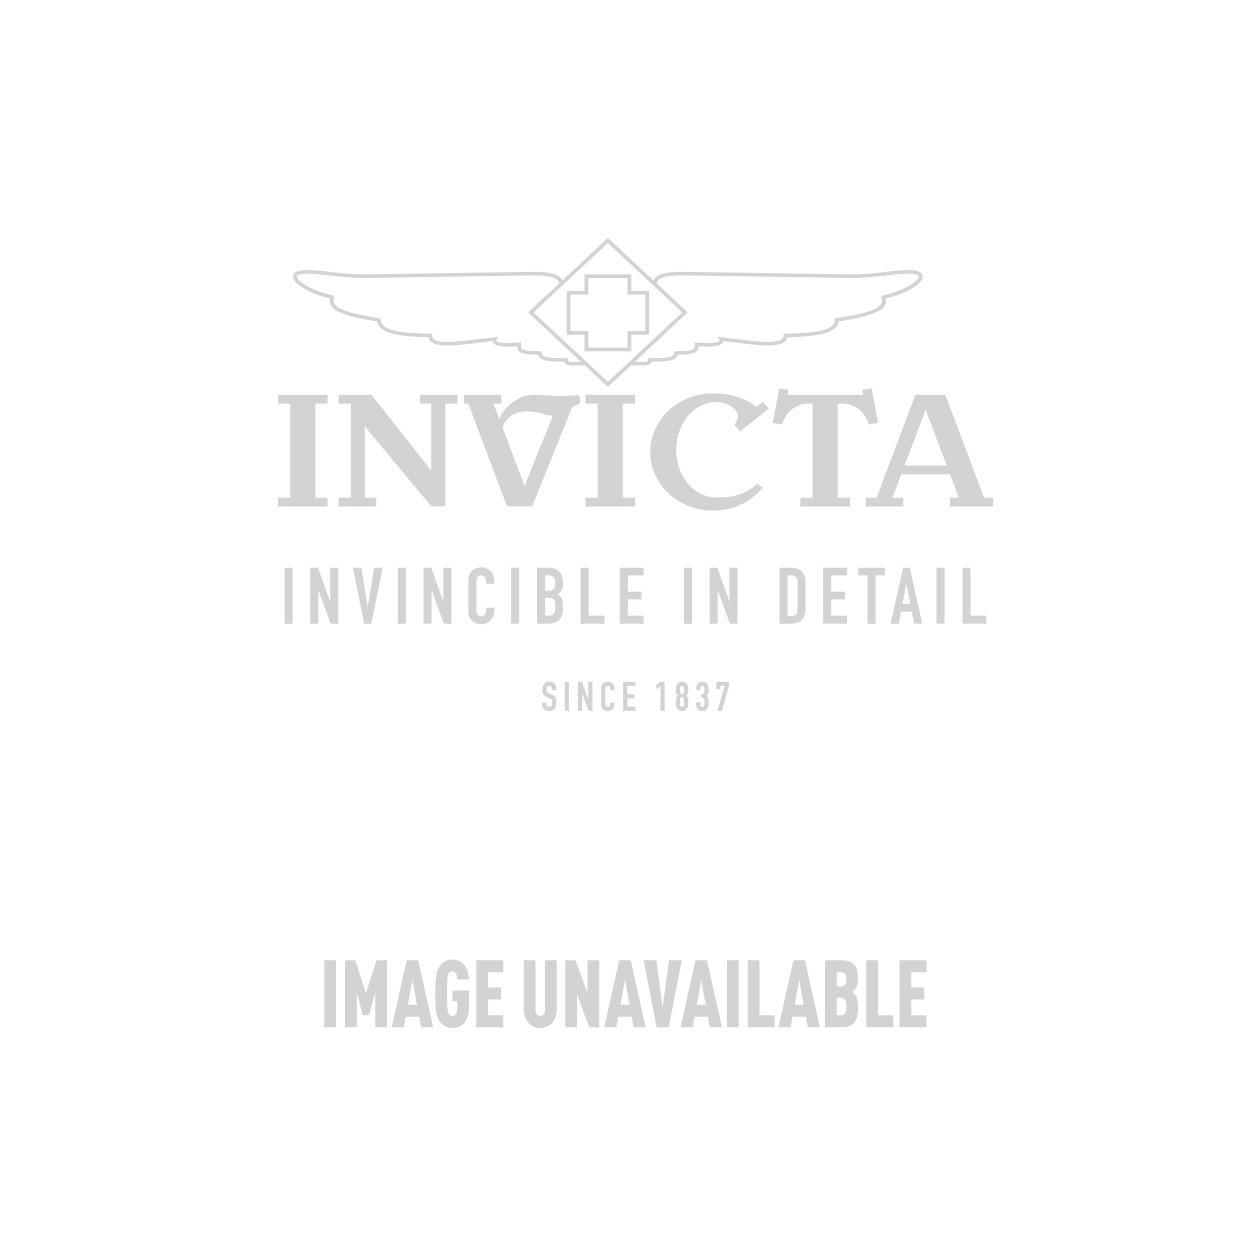 Invicta Model 27755